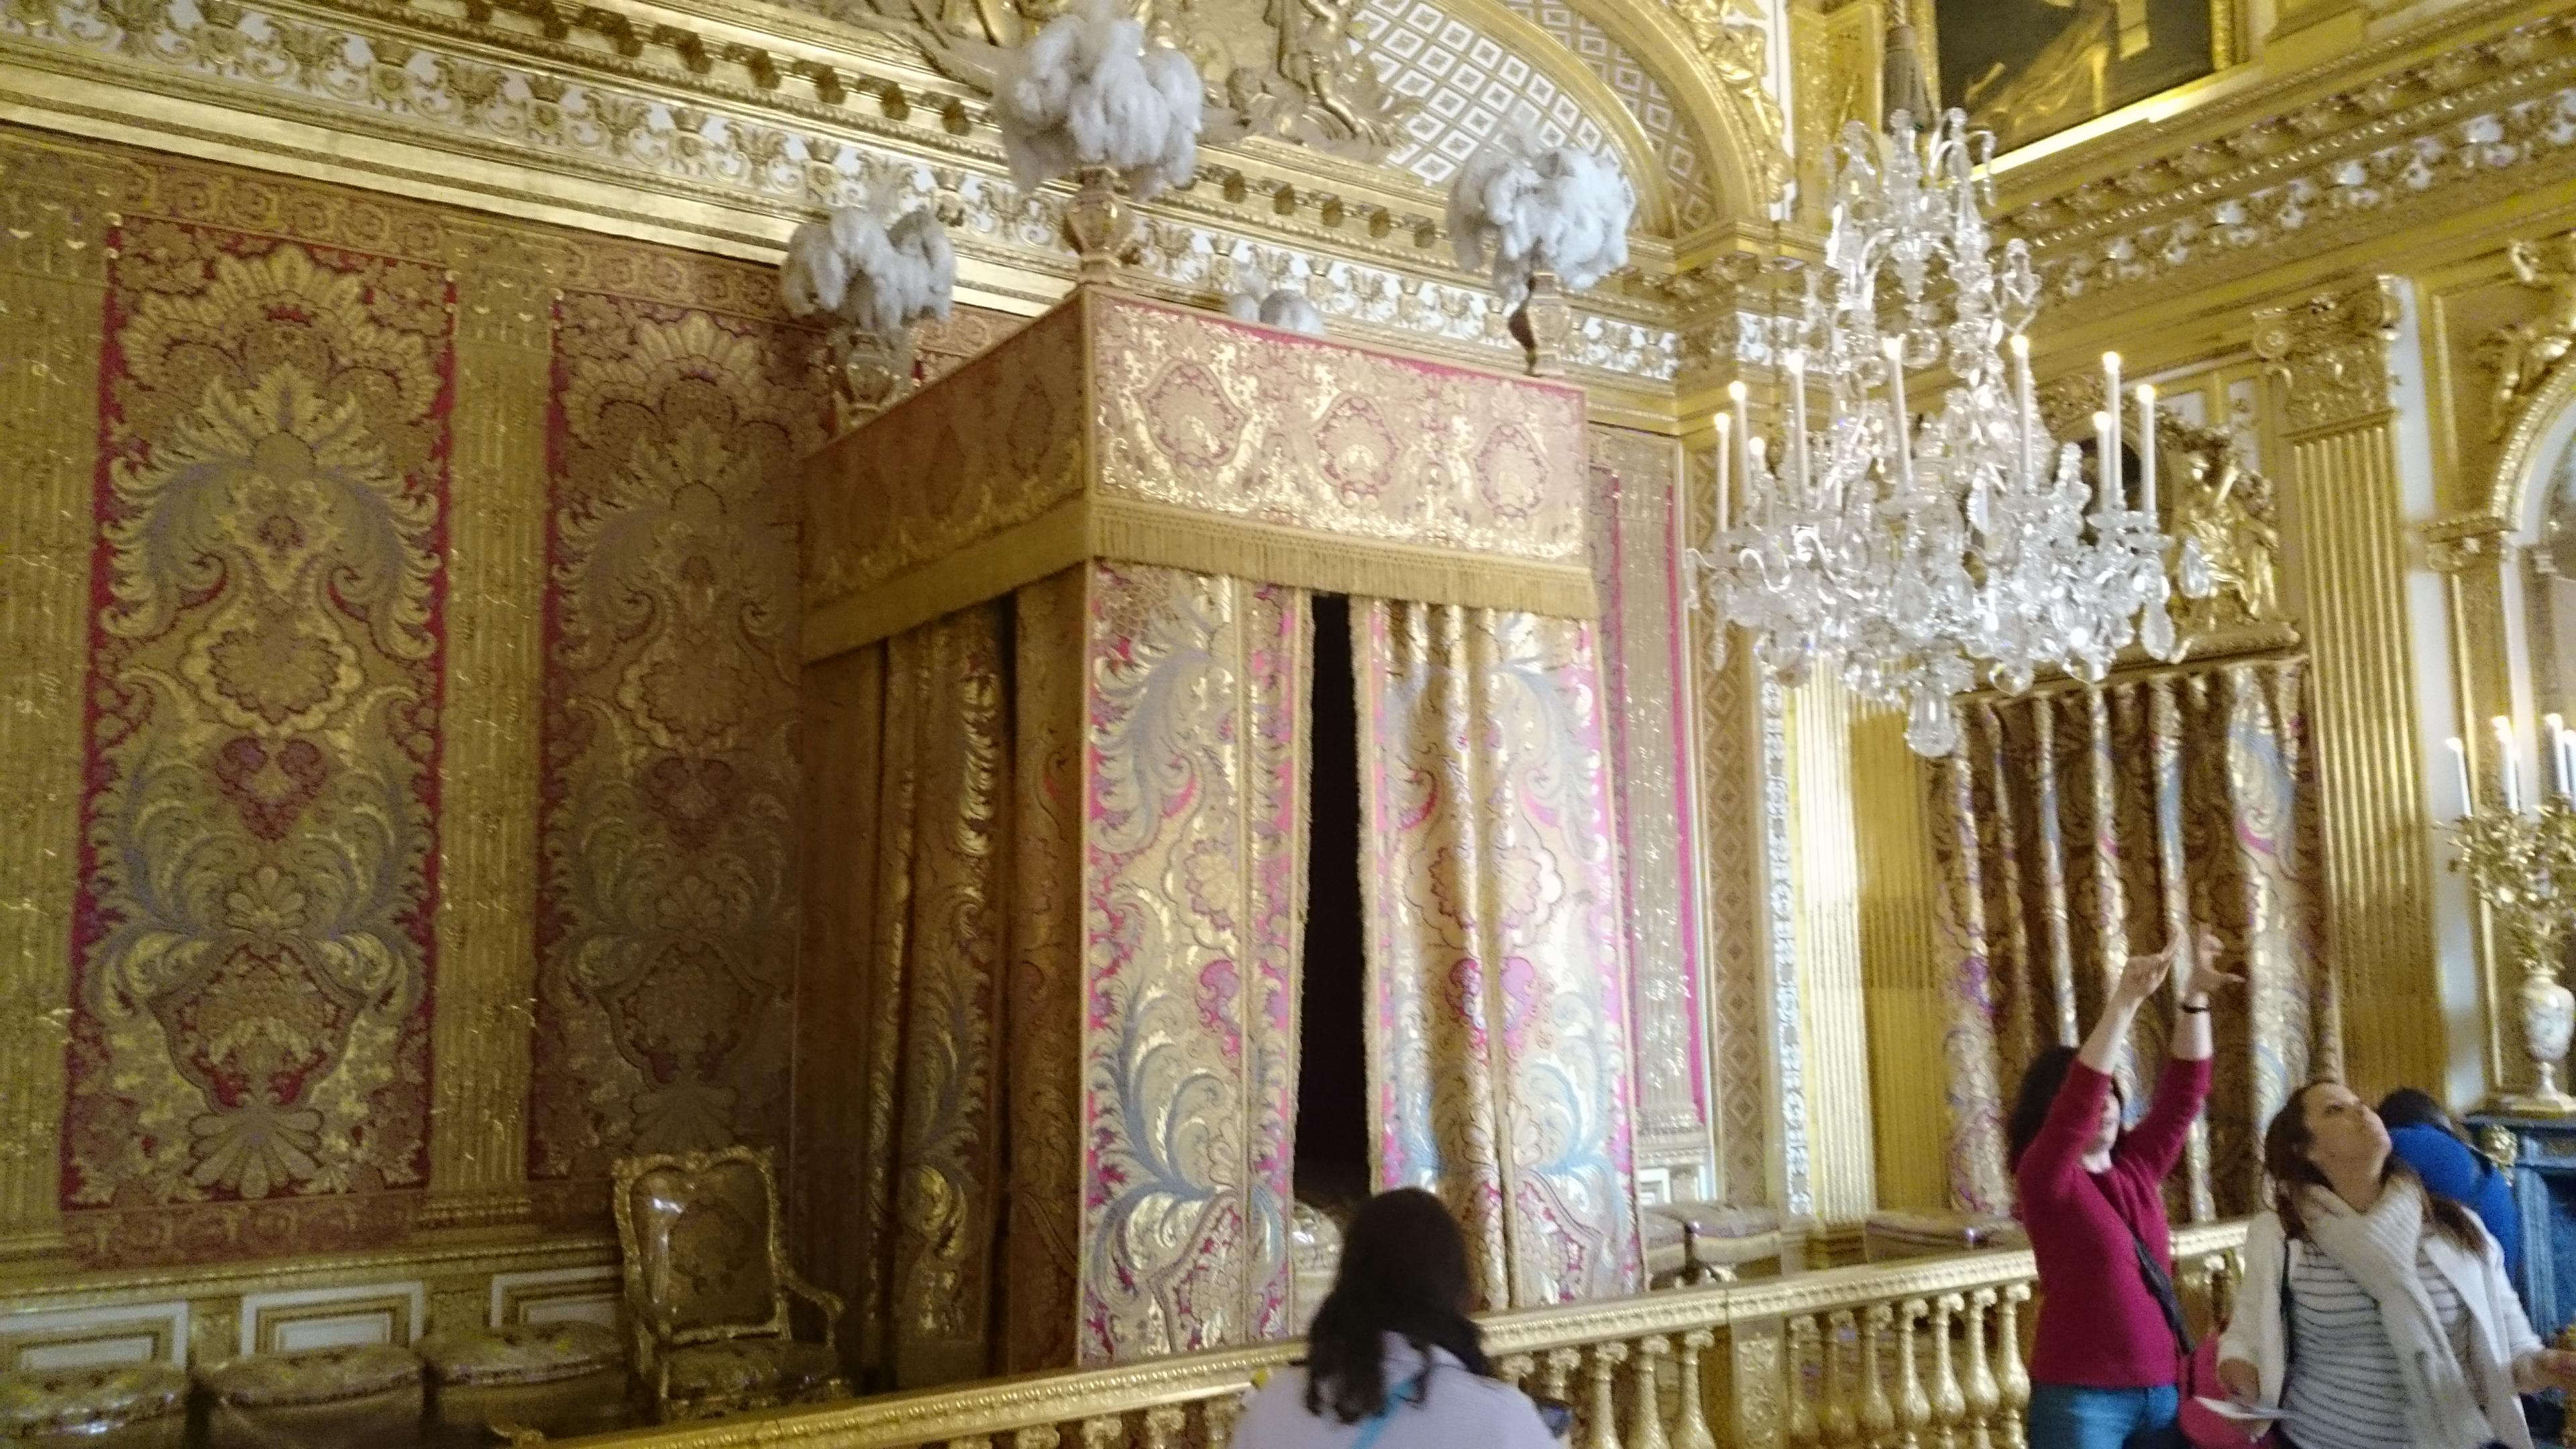 dsc 13811 - Visita al Palacio de Versalles: Como ir, cuanto cuesta y tips III/III